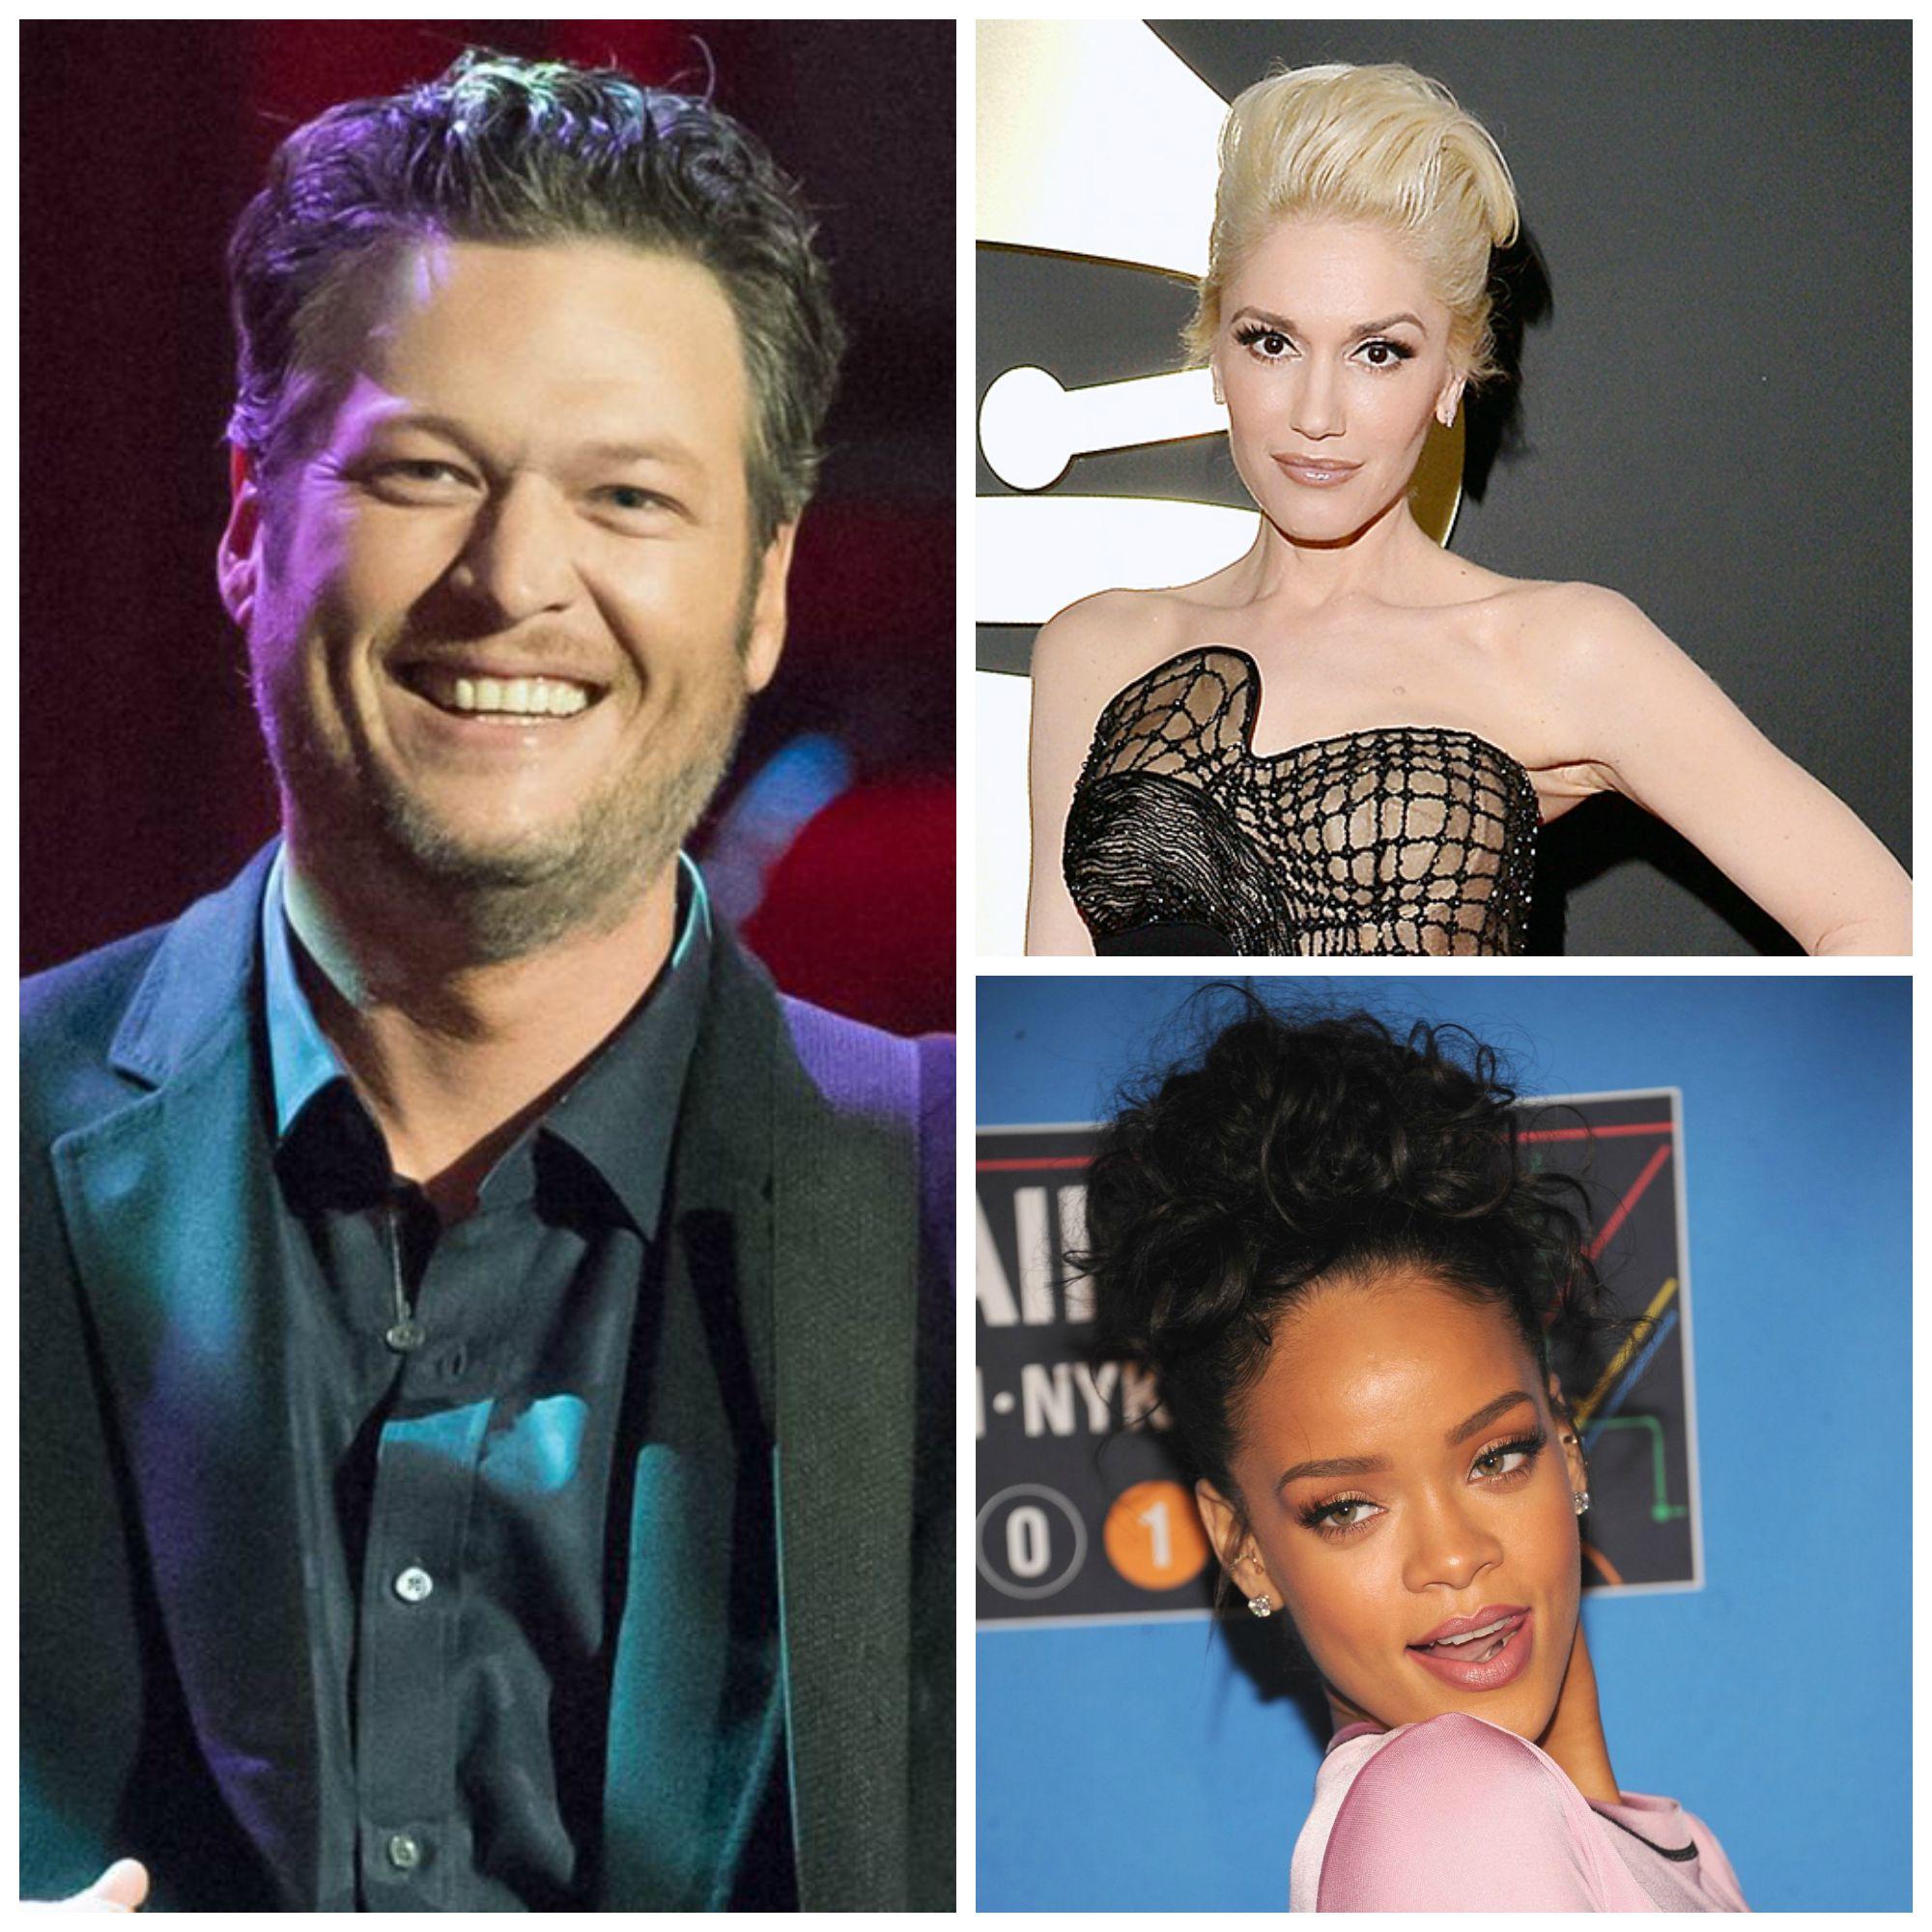 Blake Shelton, Gwen Stefani, Rihanna